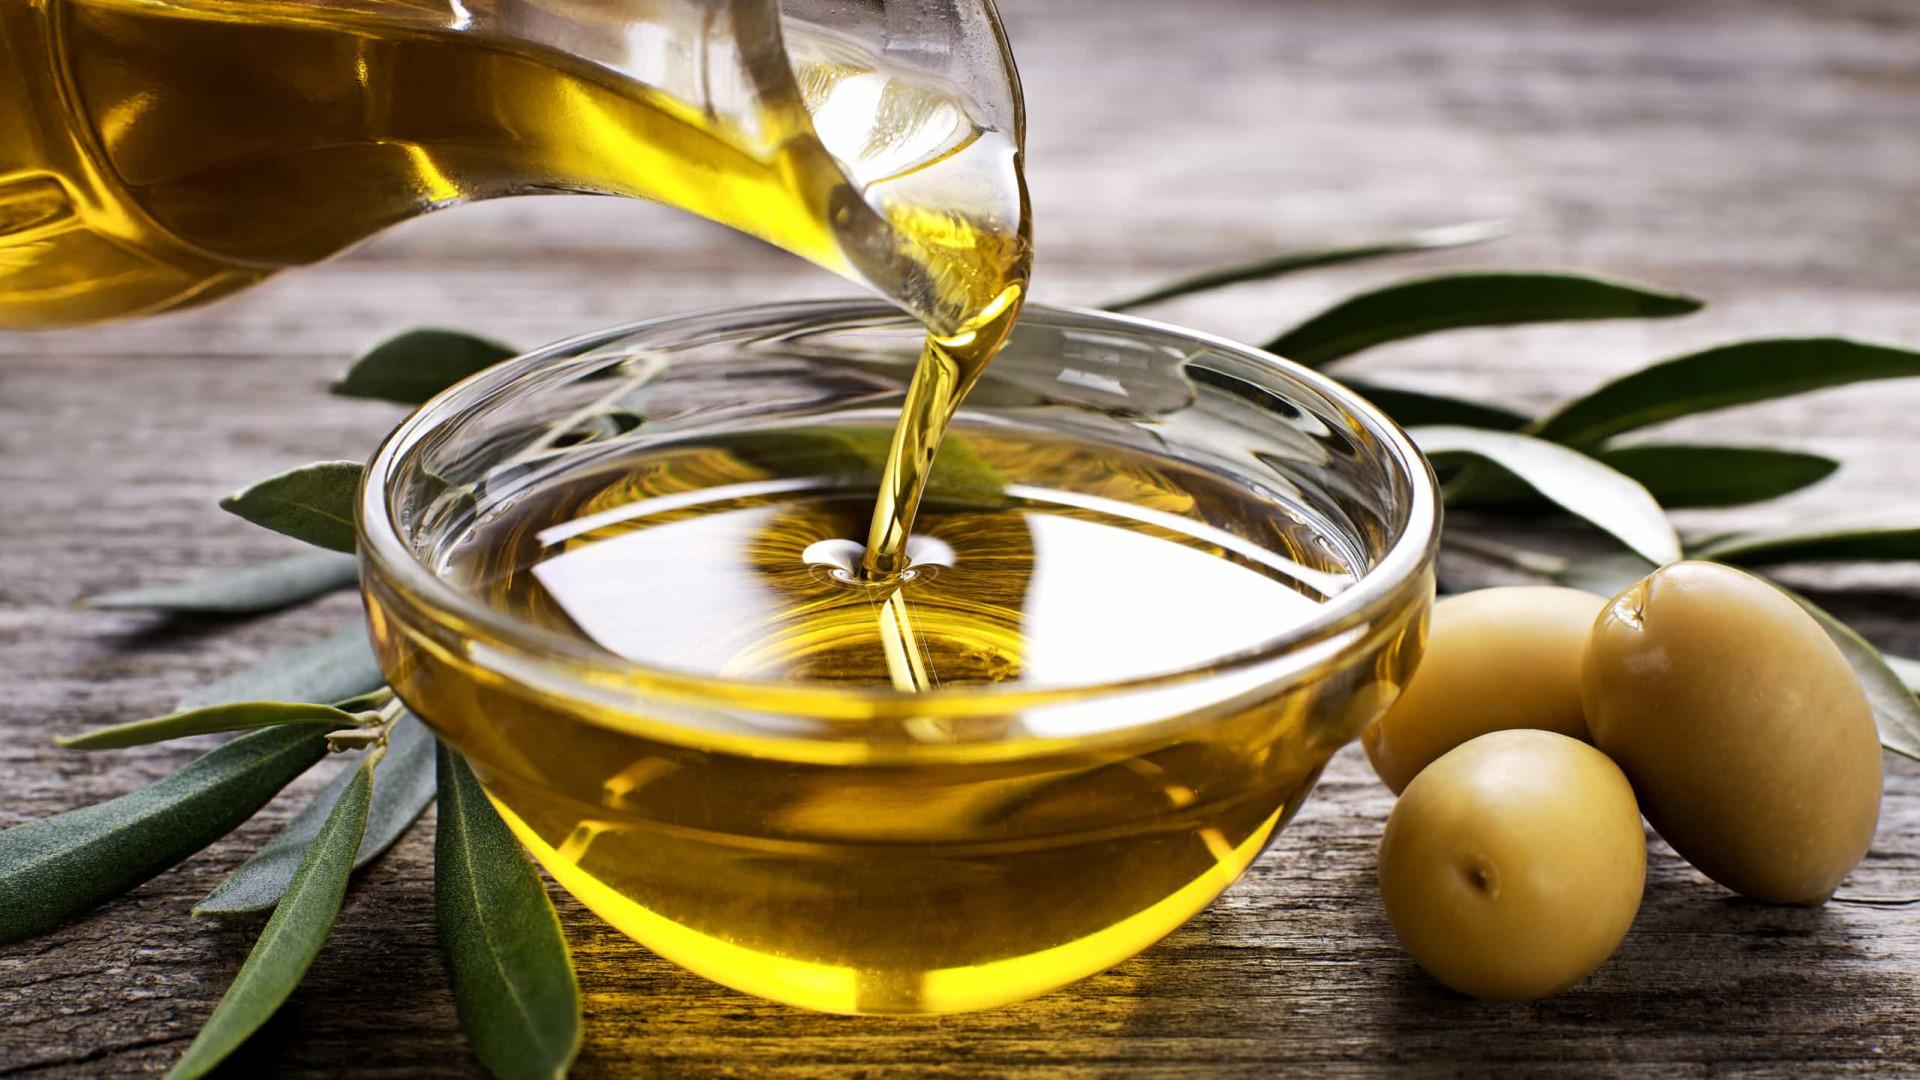 Sabe qual é a diferença entre azeite 'normal' e azeite extravirgem?